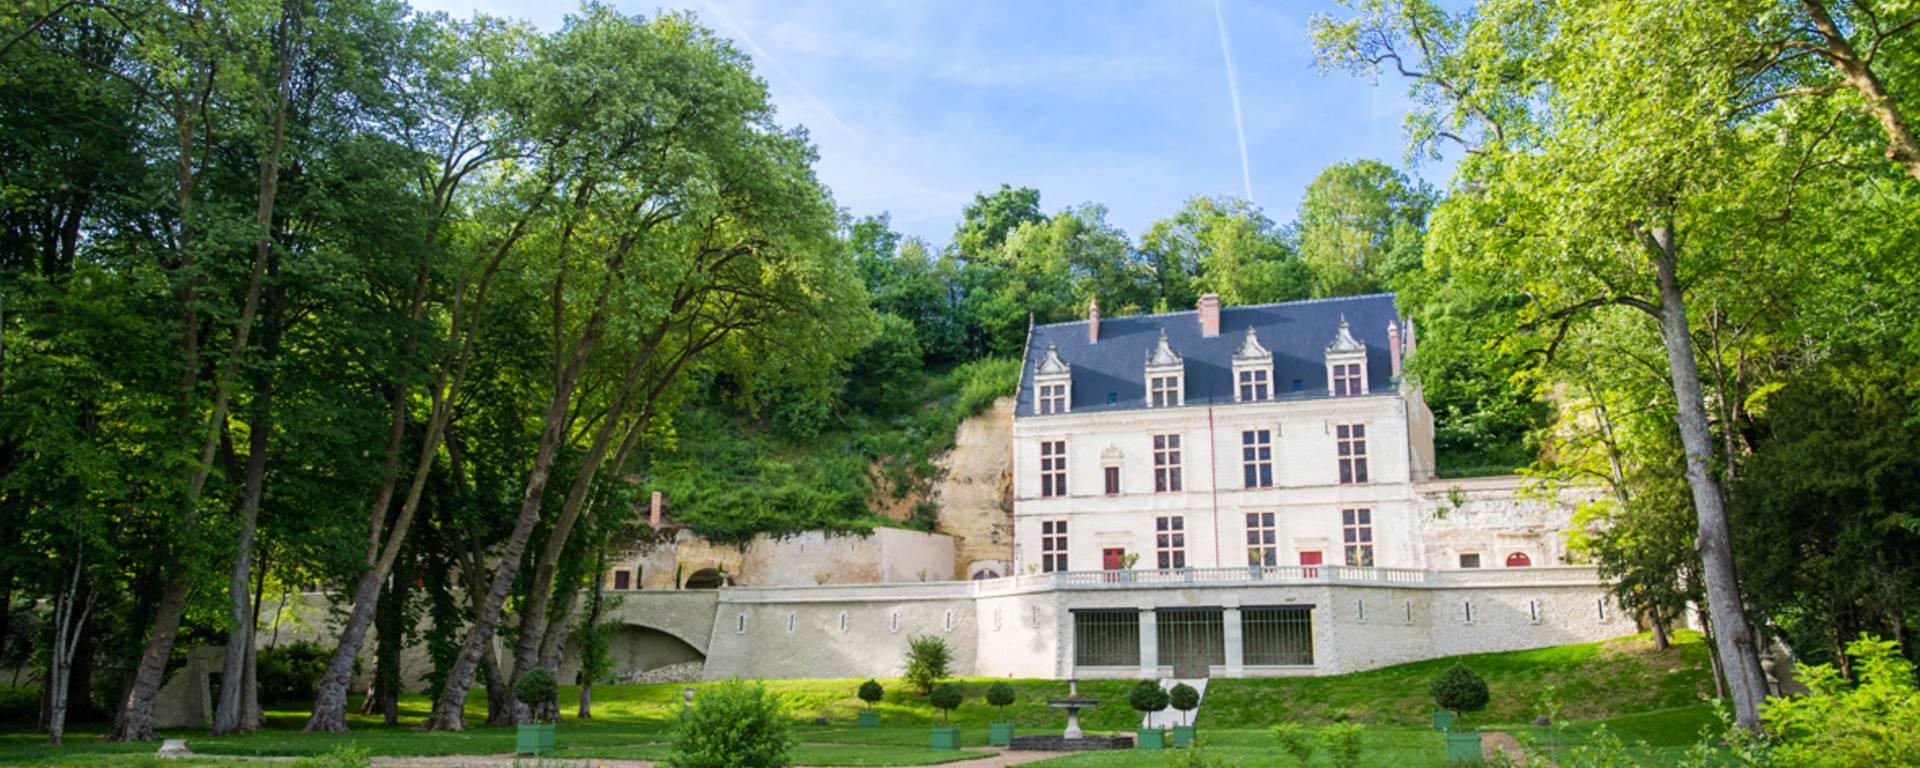 Vista exterior del Château Gaillard. © OTBC